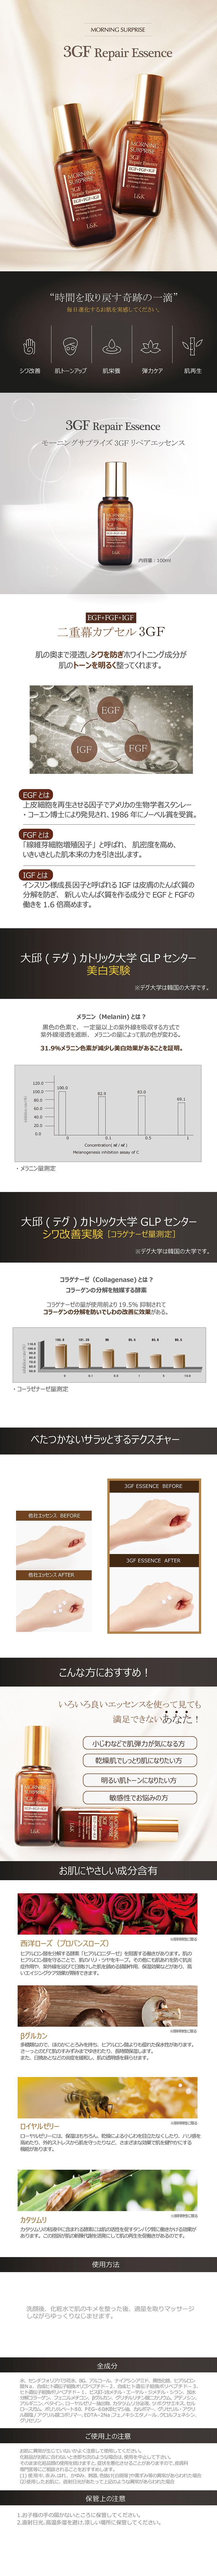 3GF-ESSENCE-상세설명.jpg